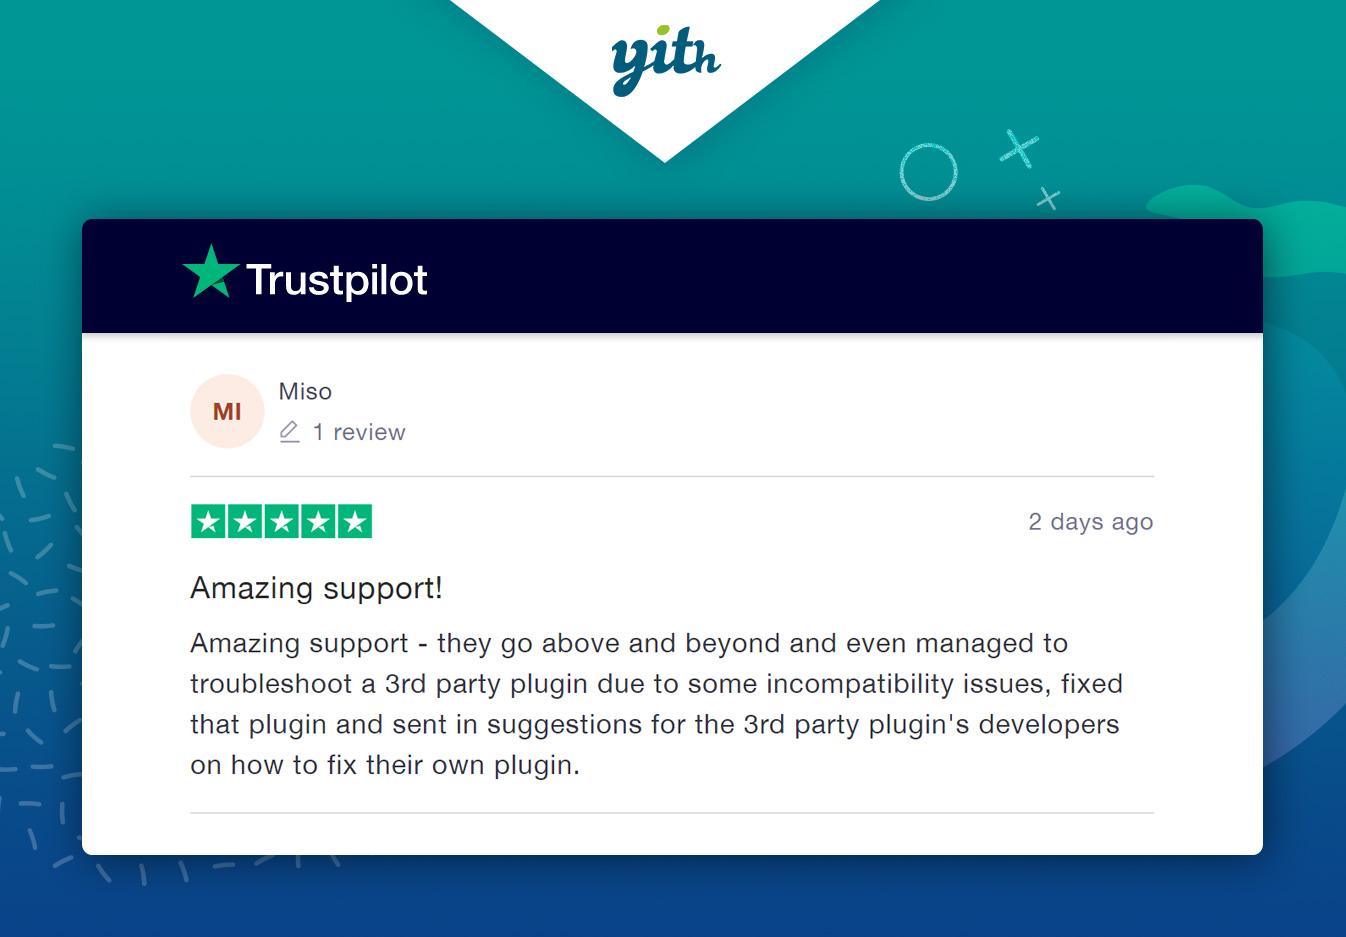 Good comment on Truspilot